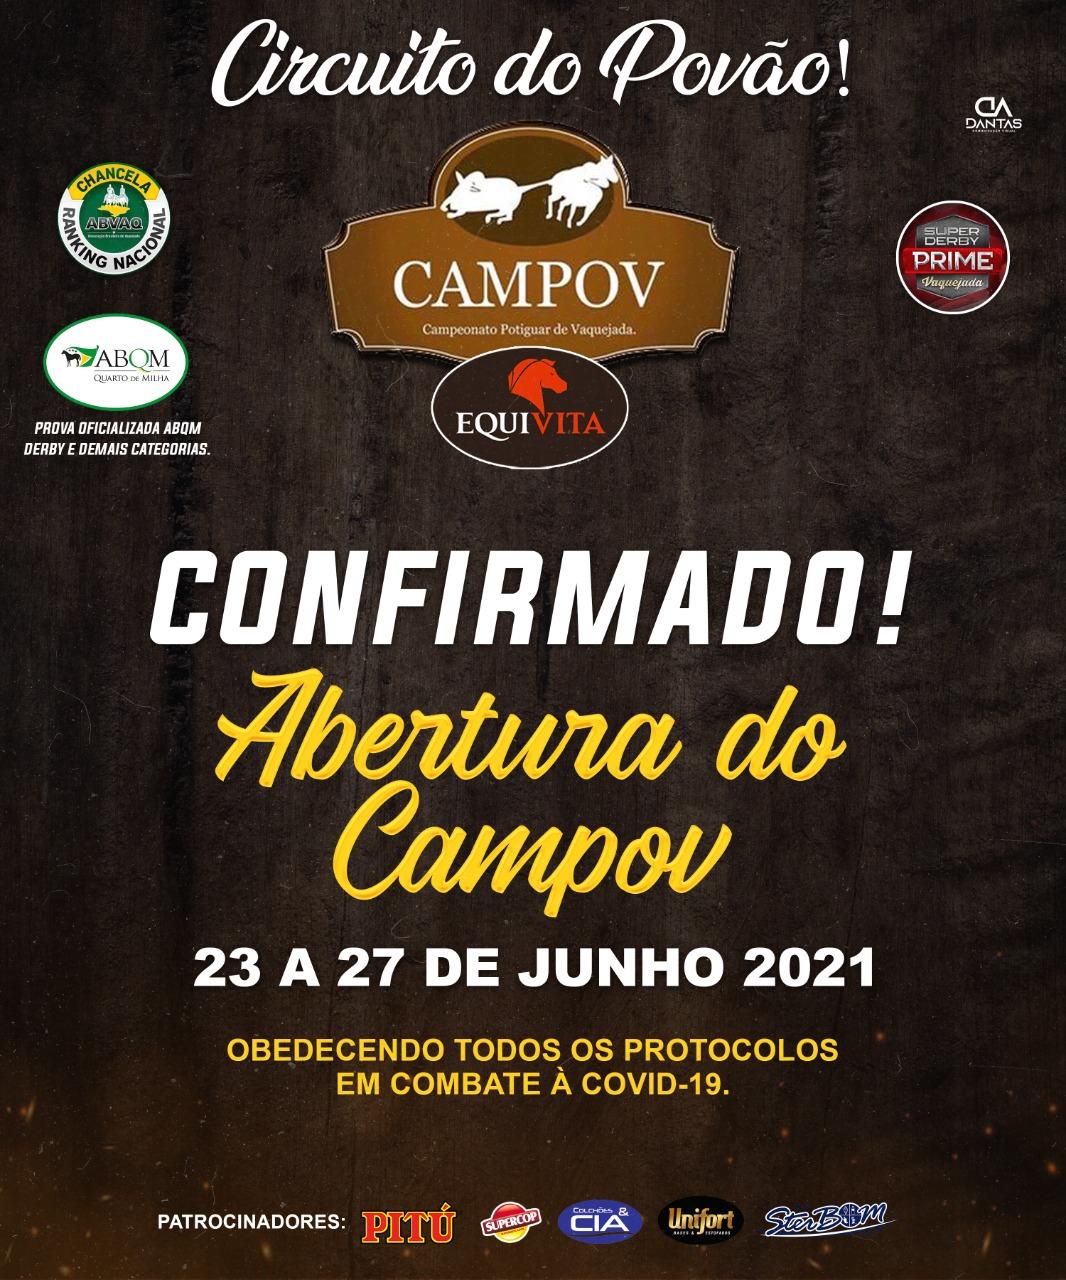 Circuito do Povão • CAMPOV